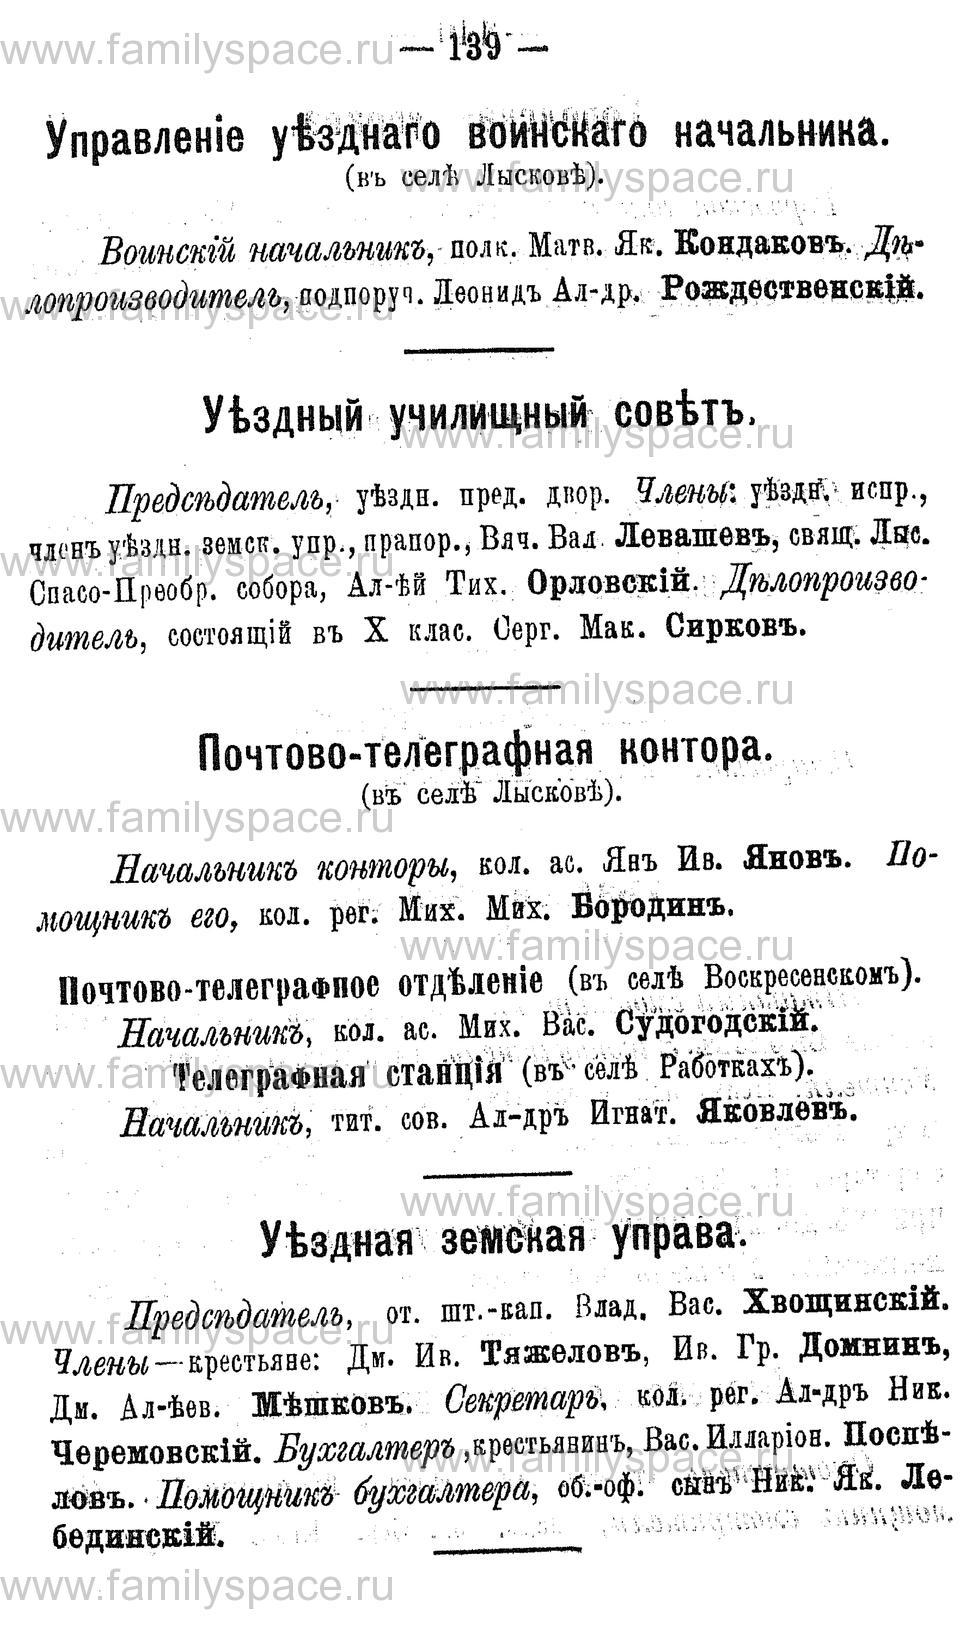 Поиск по фамилии - Адрес-календарь Нижегородской губернии на 1891 год, страница 139